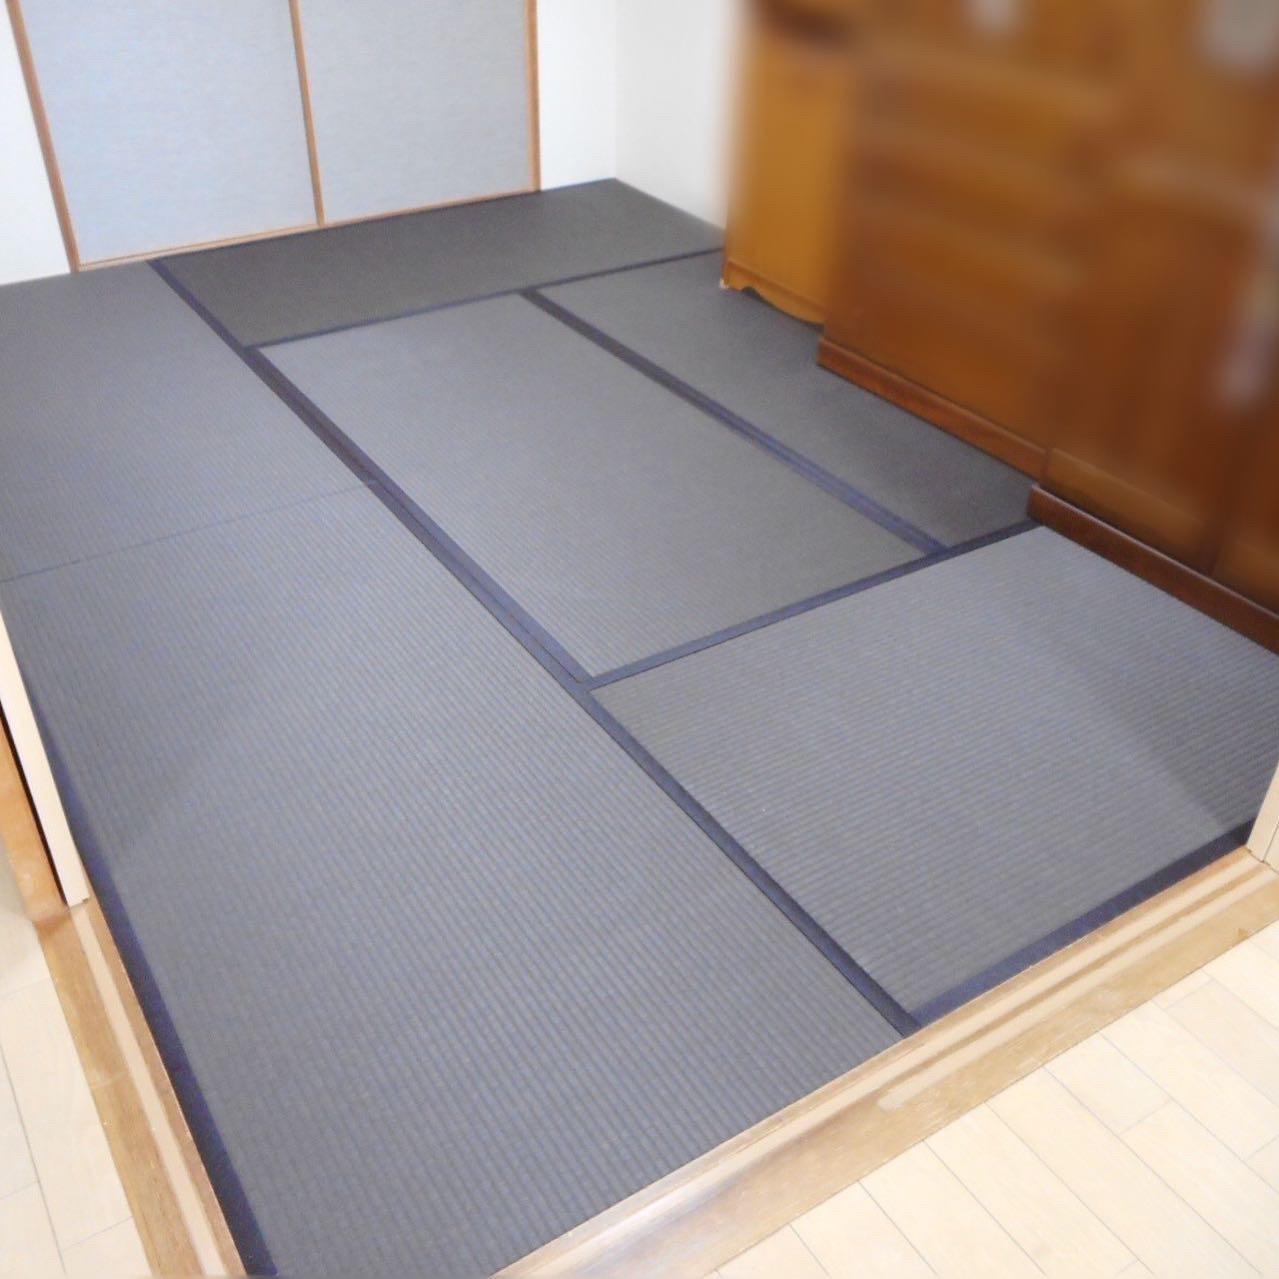 日野市H様 「栗色」の畳おもてと統一感のあるふすま紙でリフォーム!